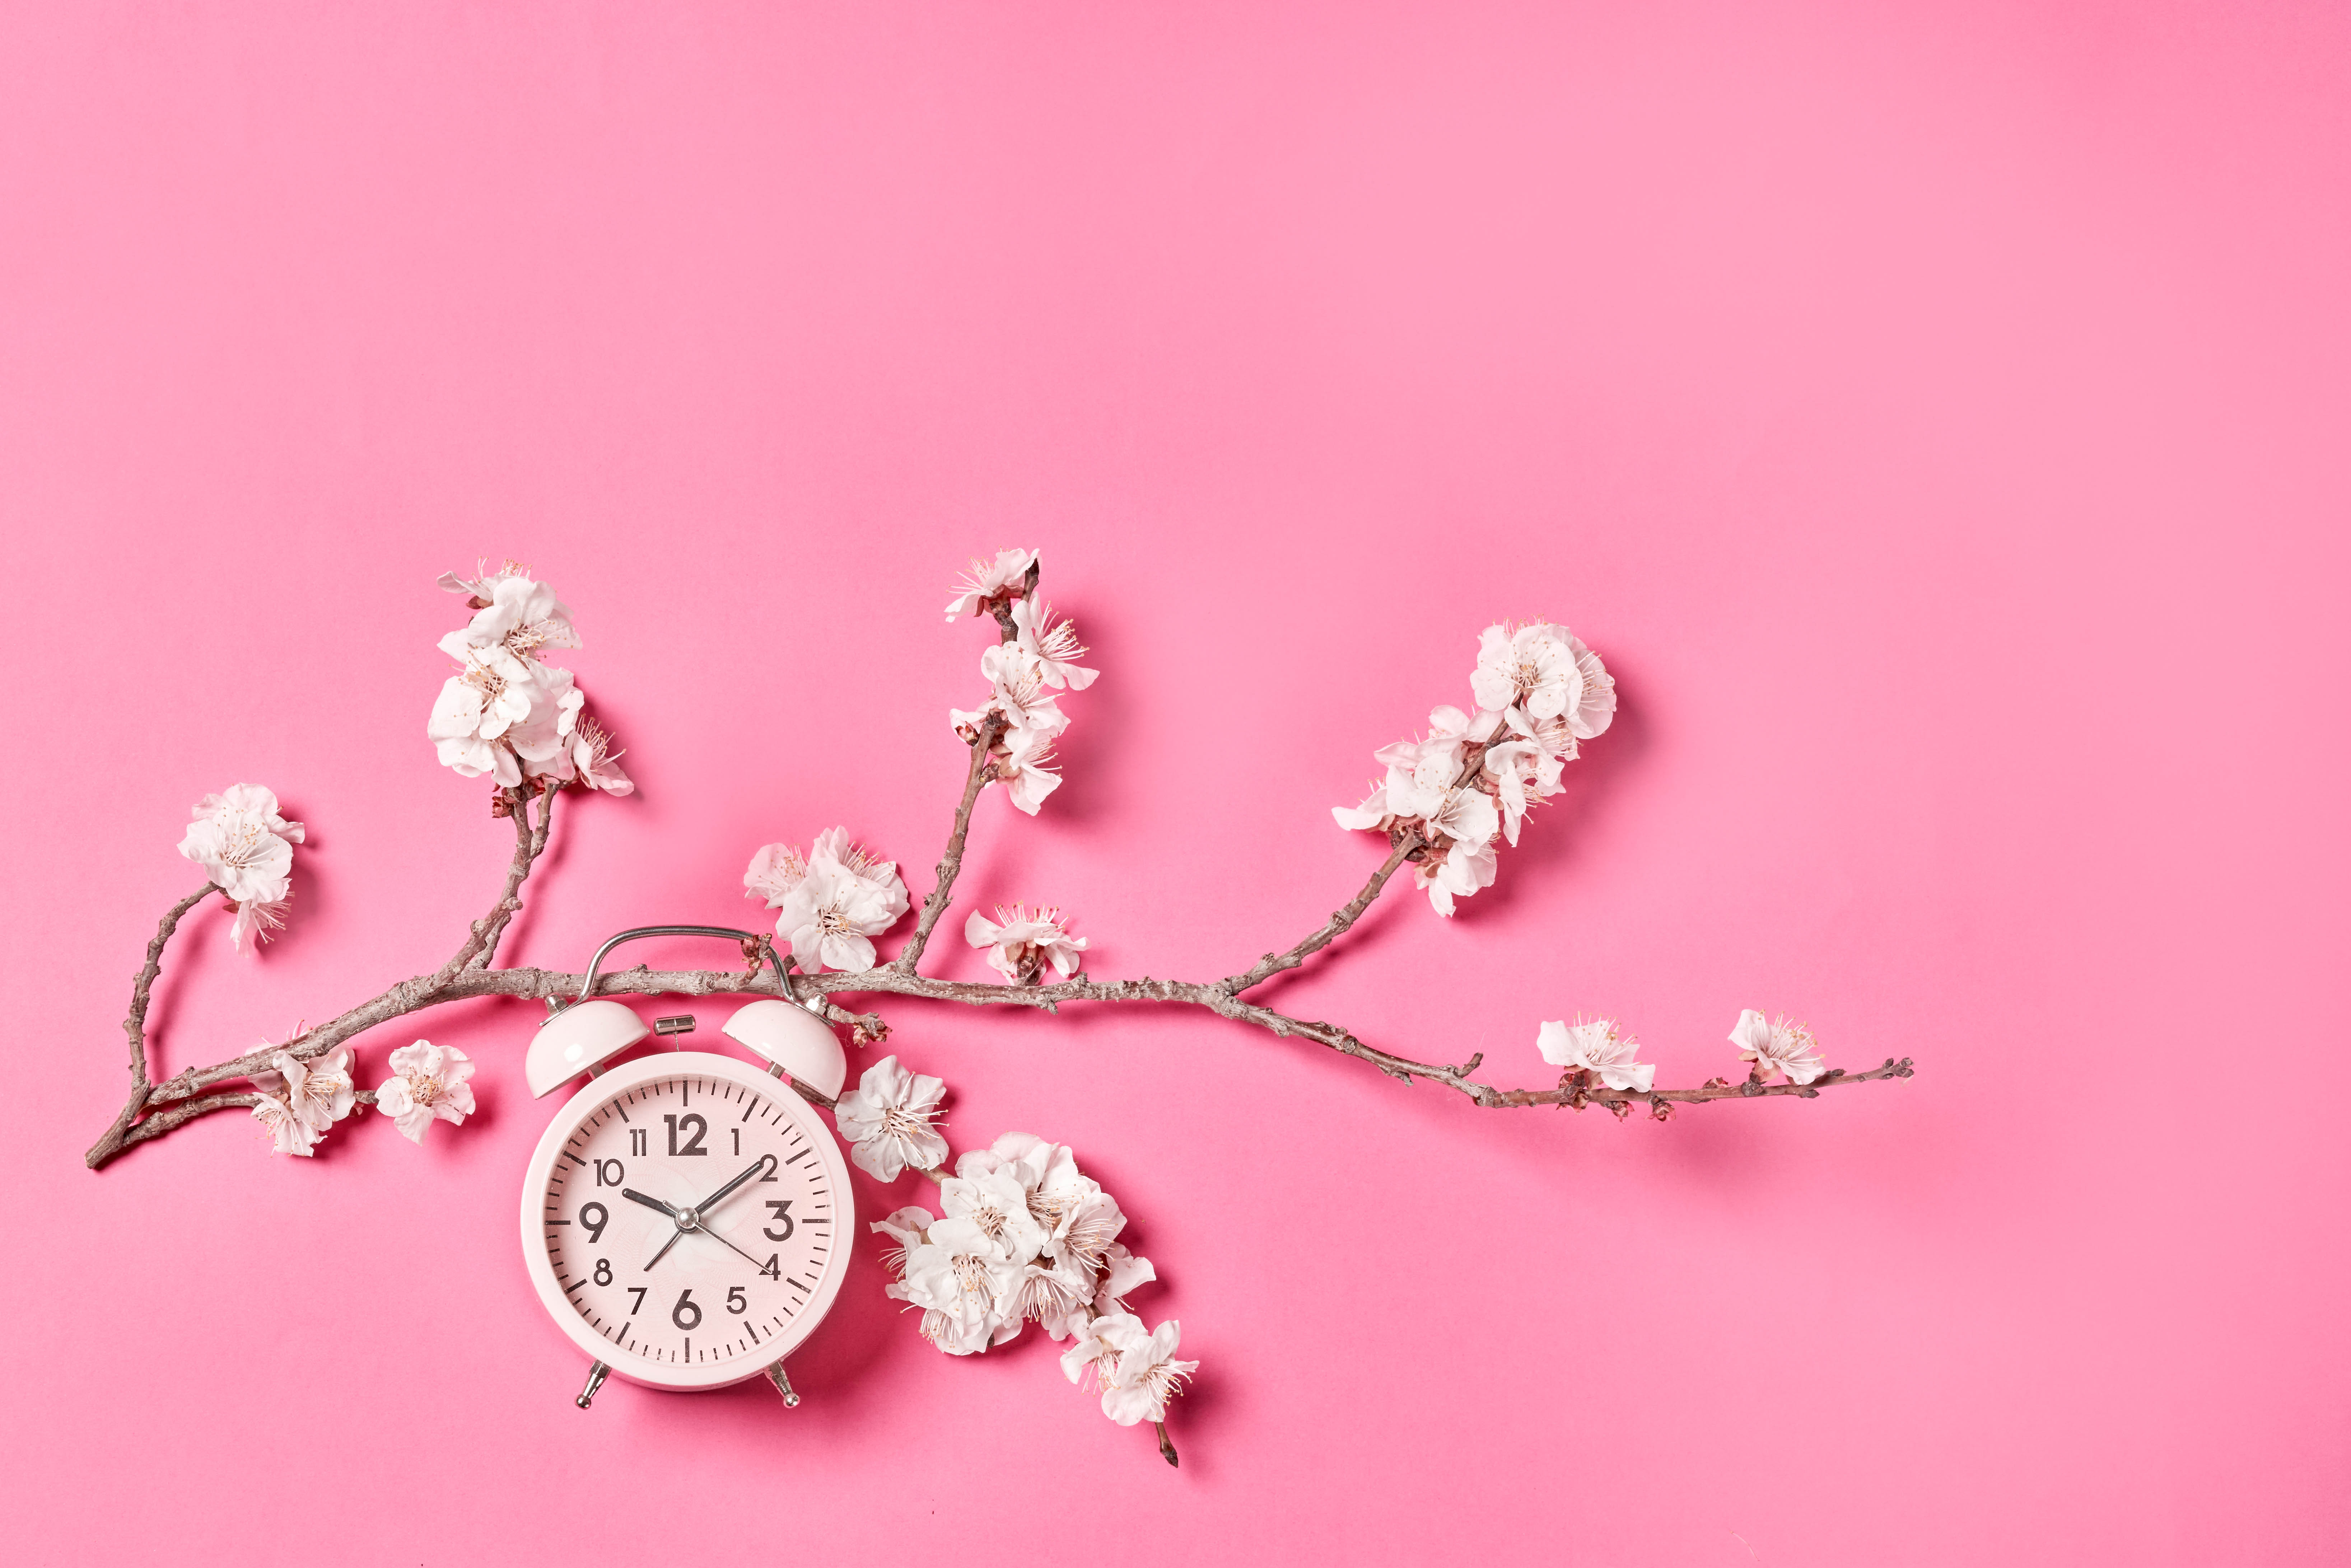 125239 Screensavers and Wallpapers Sakura for phone. Download Flowers, Pink, Clock, Sakura, Minimalism, Alarm Clock pictures for free